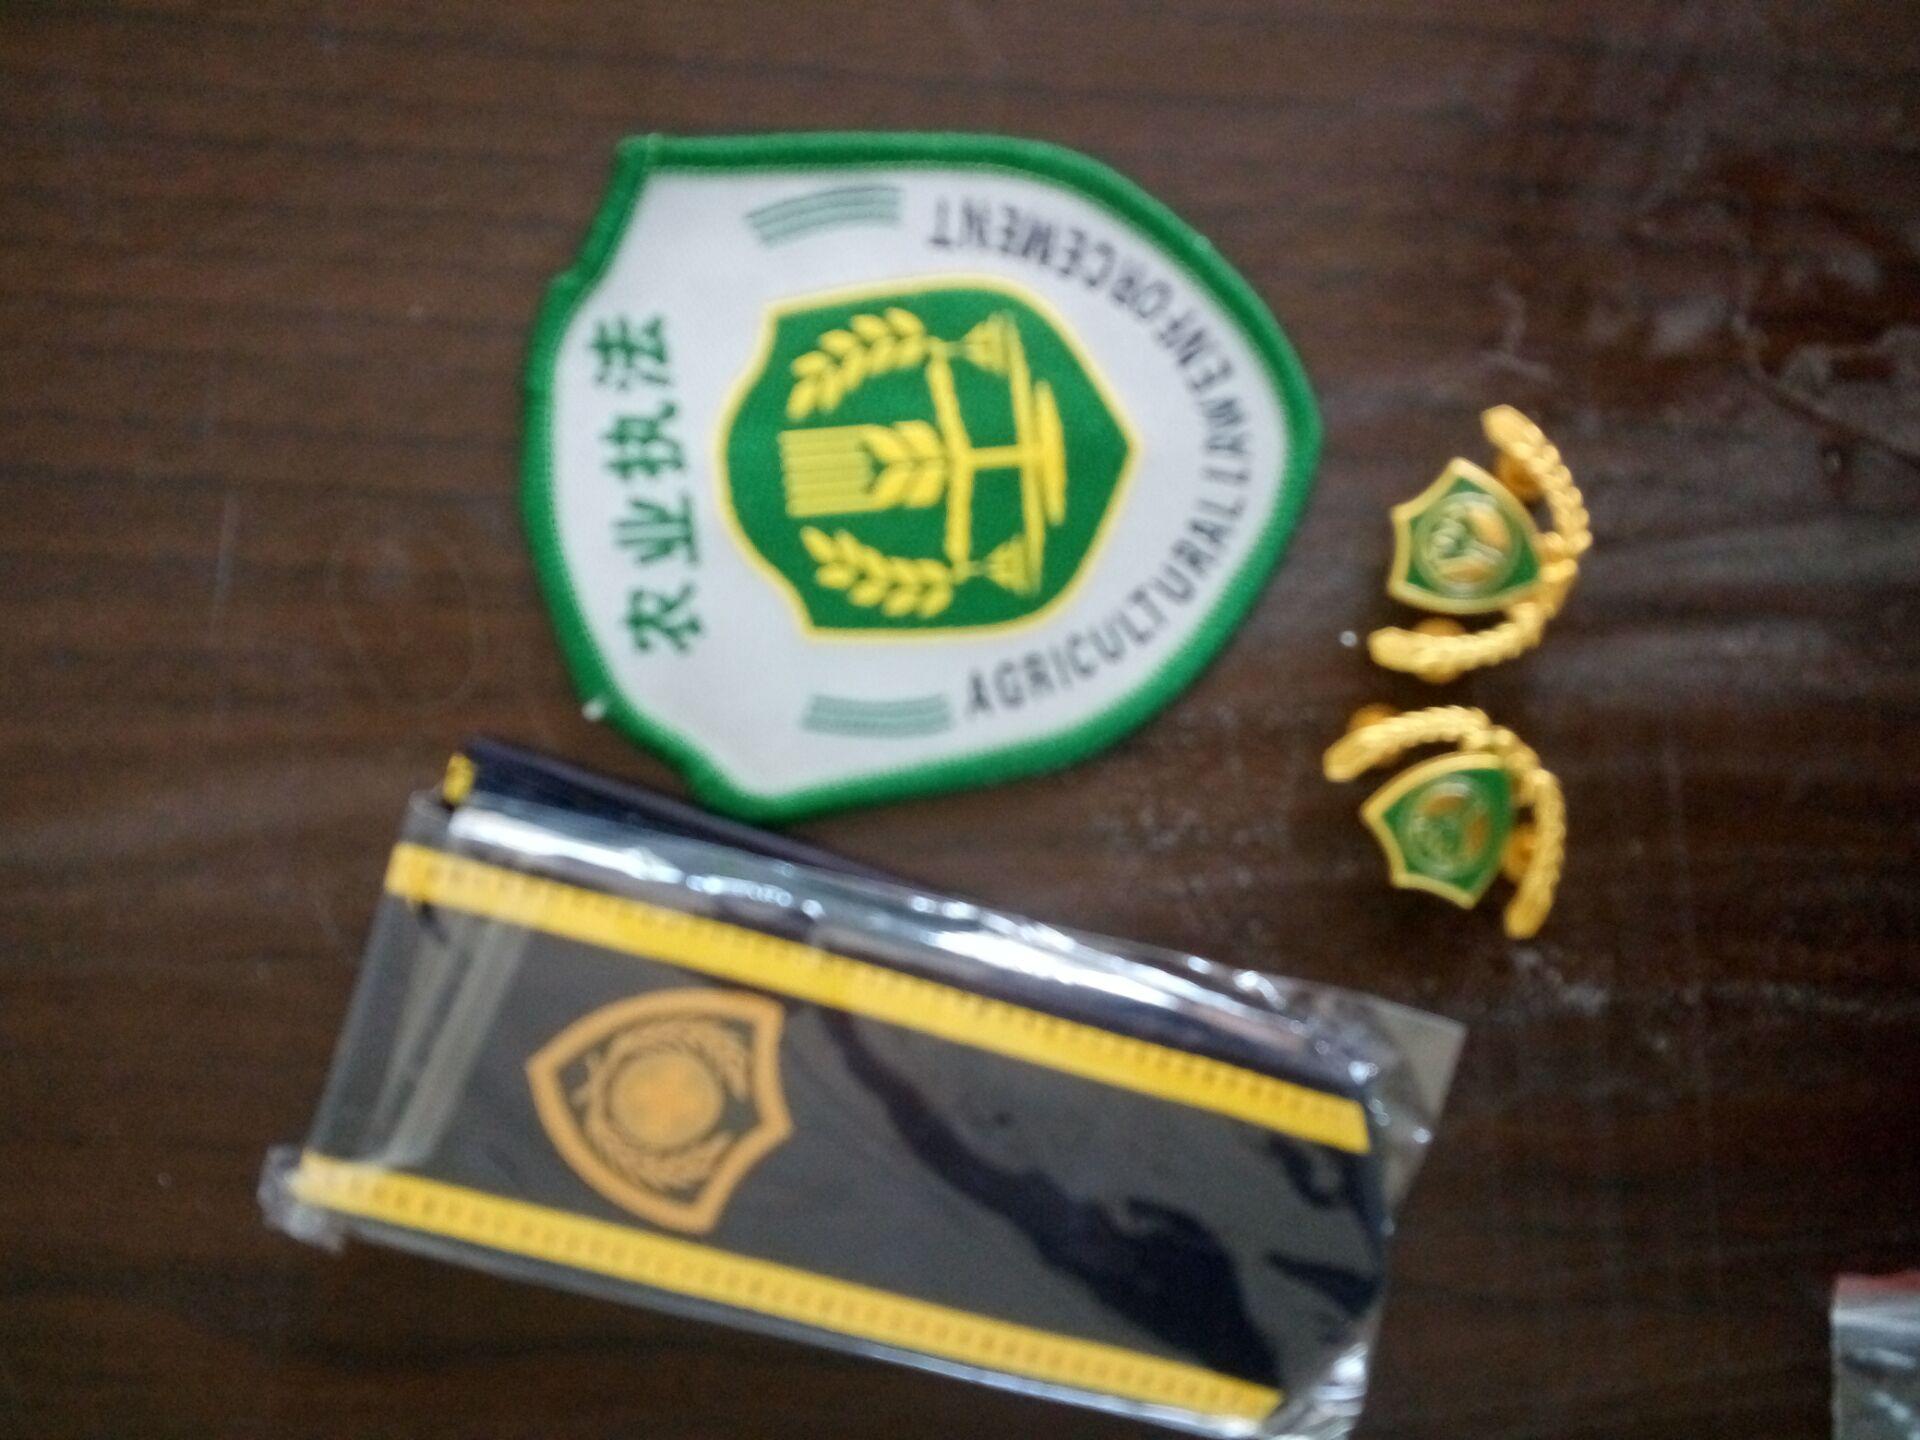 国领标志服装厂供应农业执法标志服,款式新颖面料优质